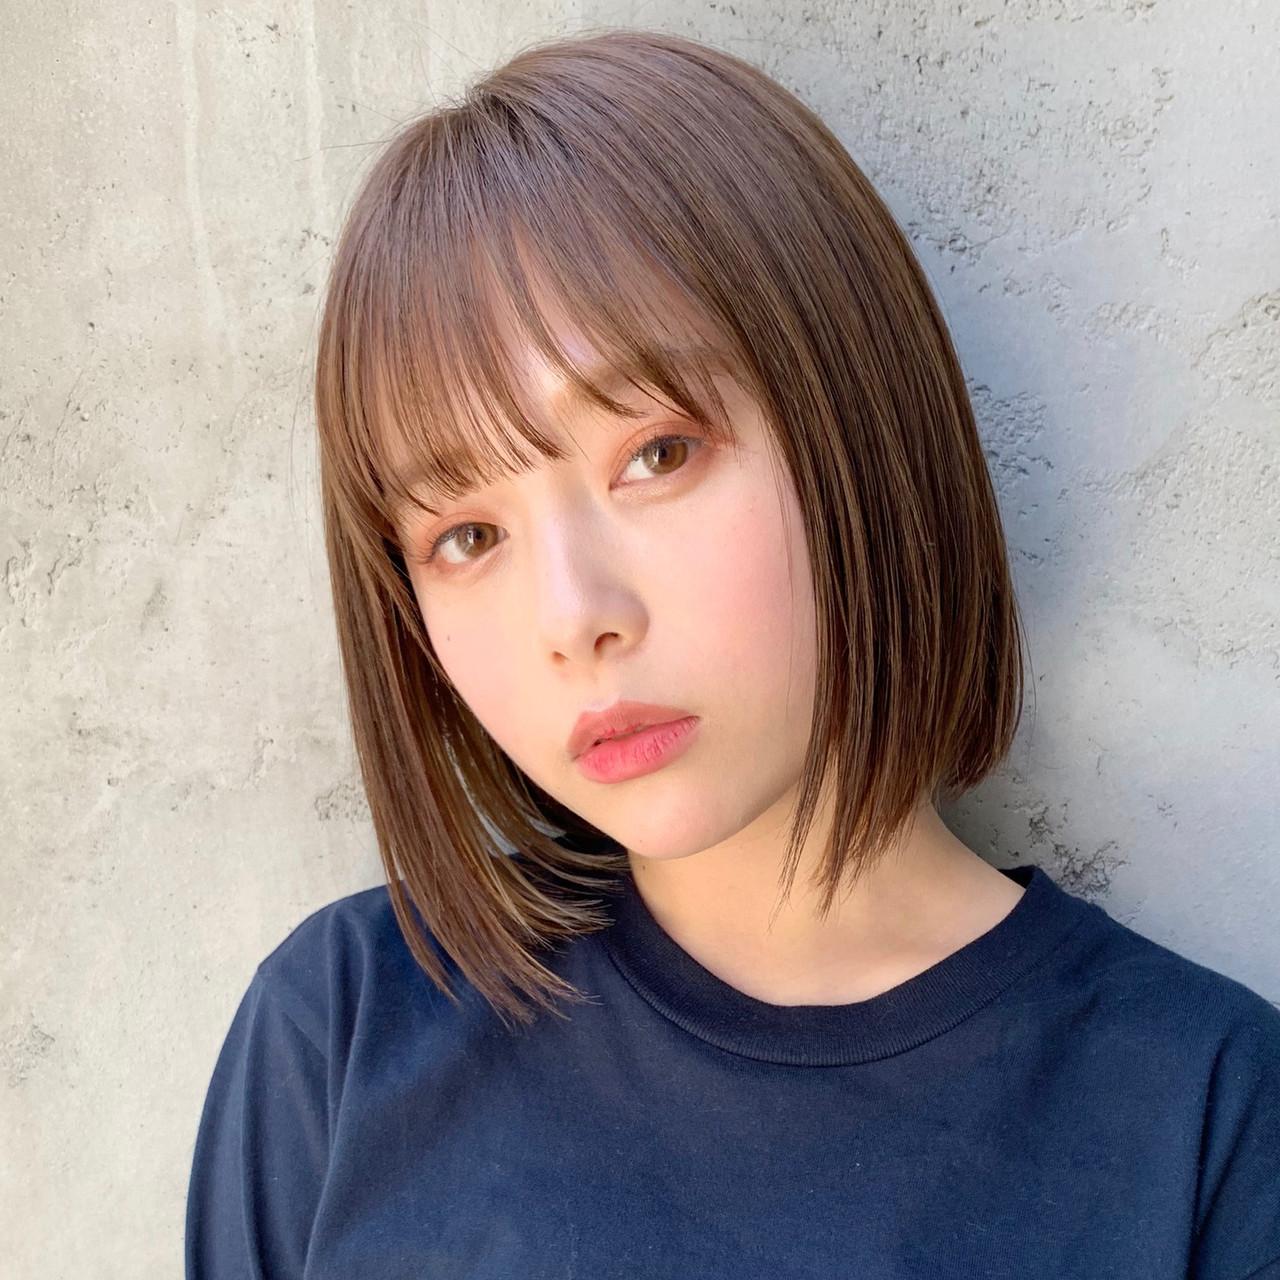 ボブ 切りっぱなしボブ ショートヘア ショートボブ ヘアスタイルや髪型の写真・画像   Natsuko Kodama 児玉奈都子 / dydi